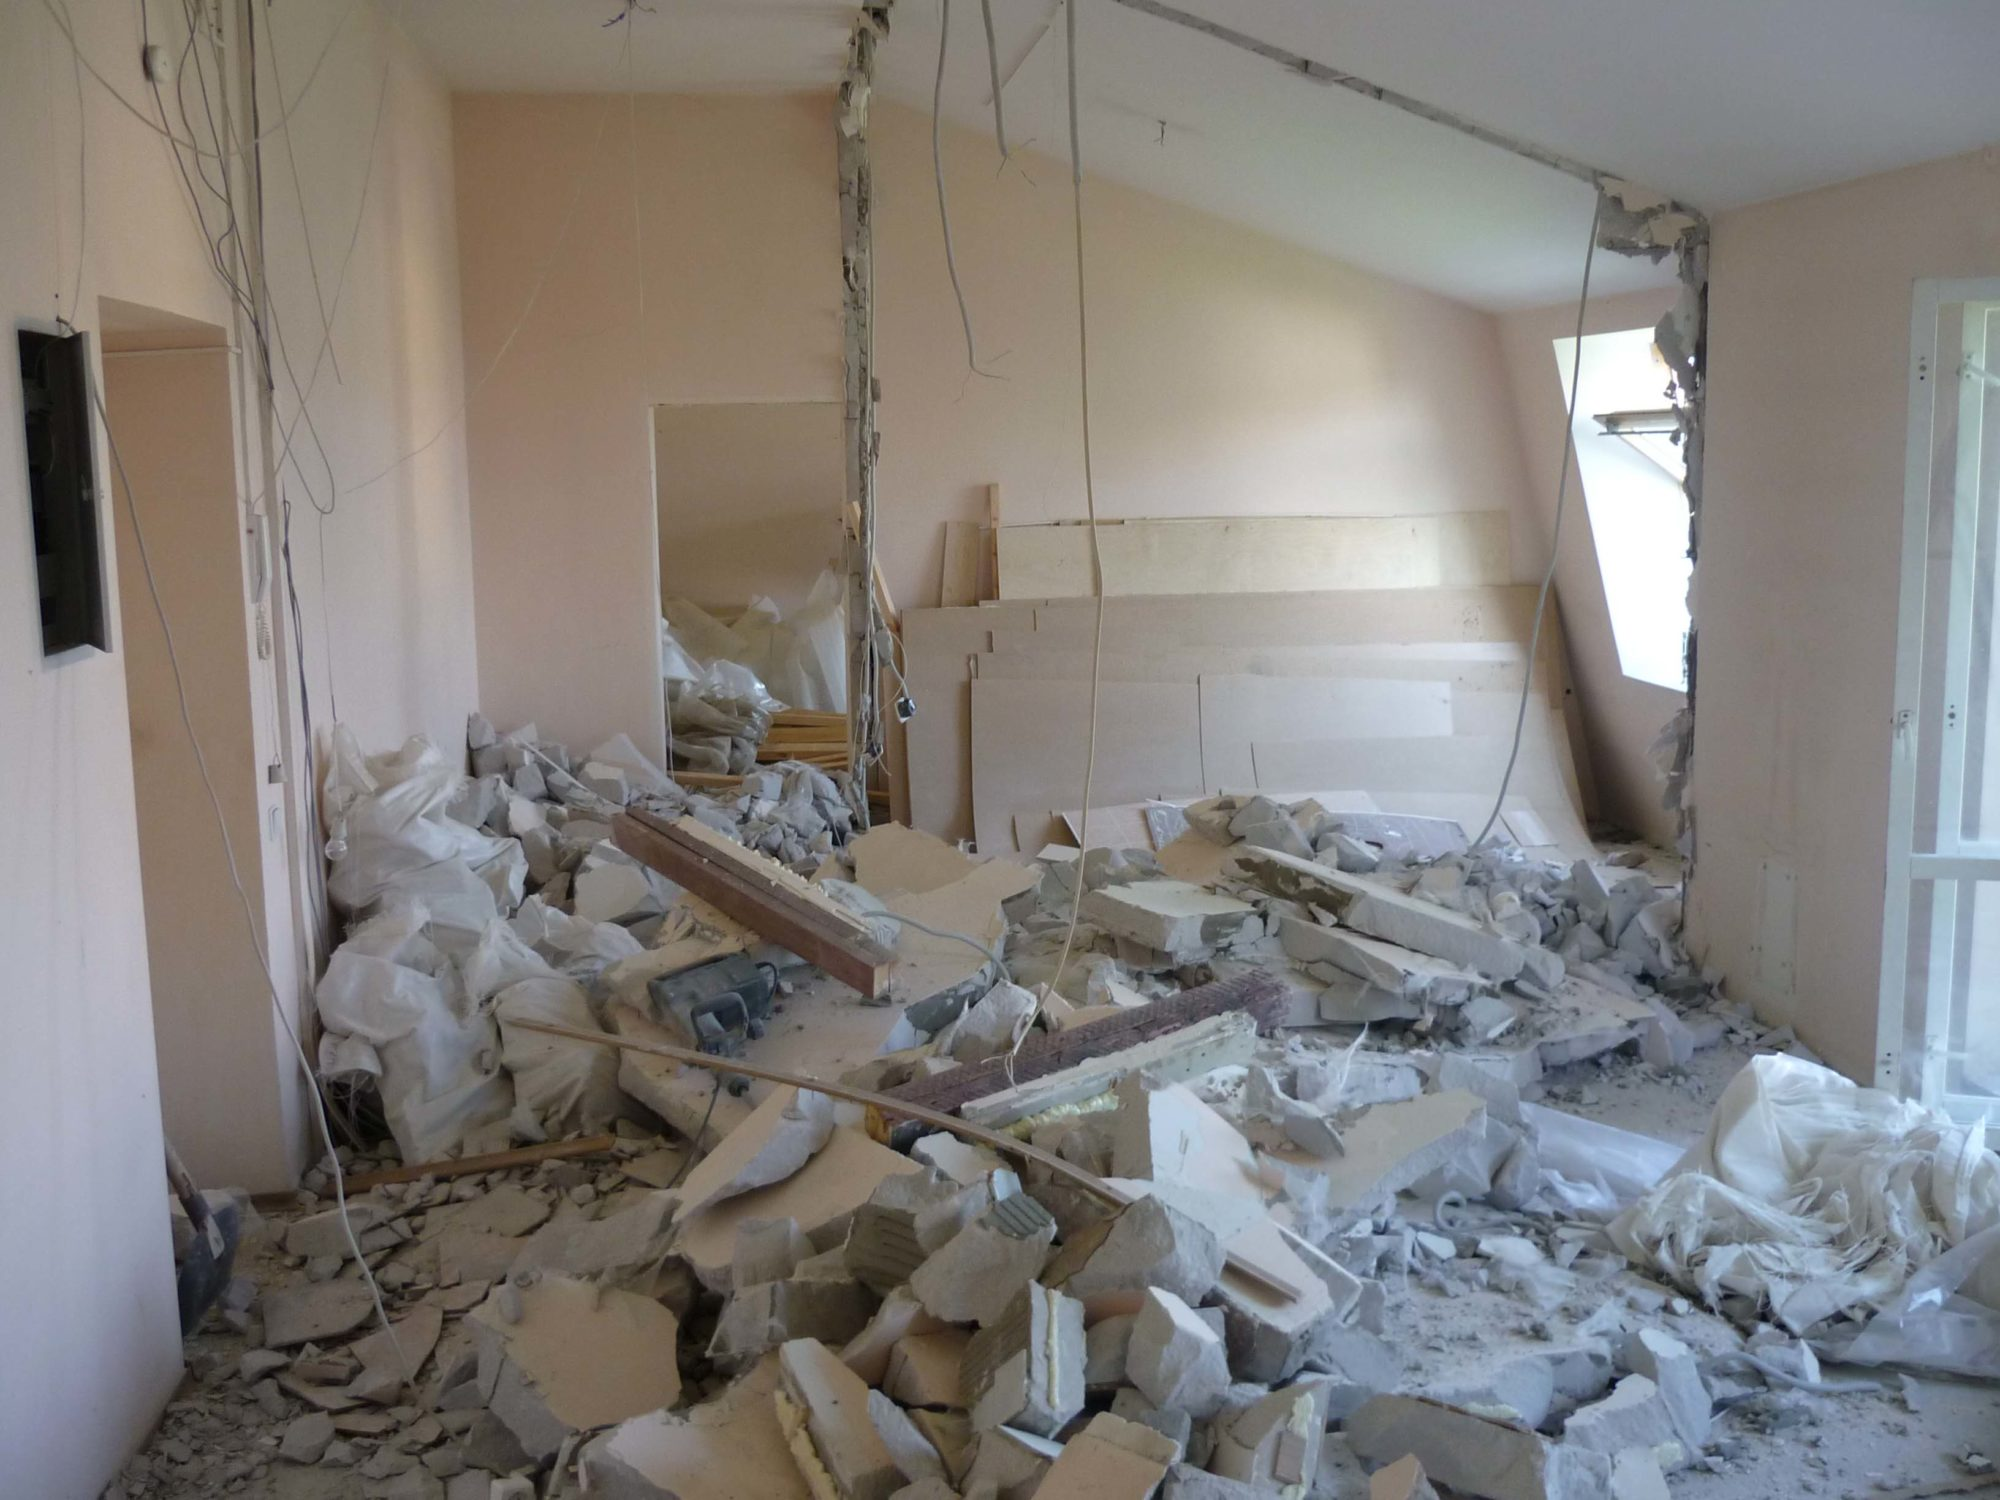 Если перепланировка проведена с нарушением строительных норм, ее будет невозможно узаконить даже через суд. Например, это касается сноса несущих стен внутри квартиры.